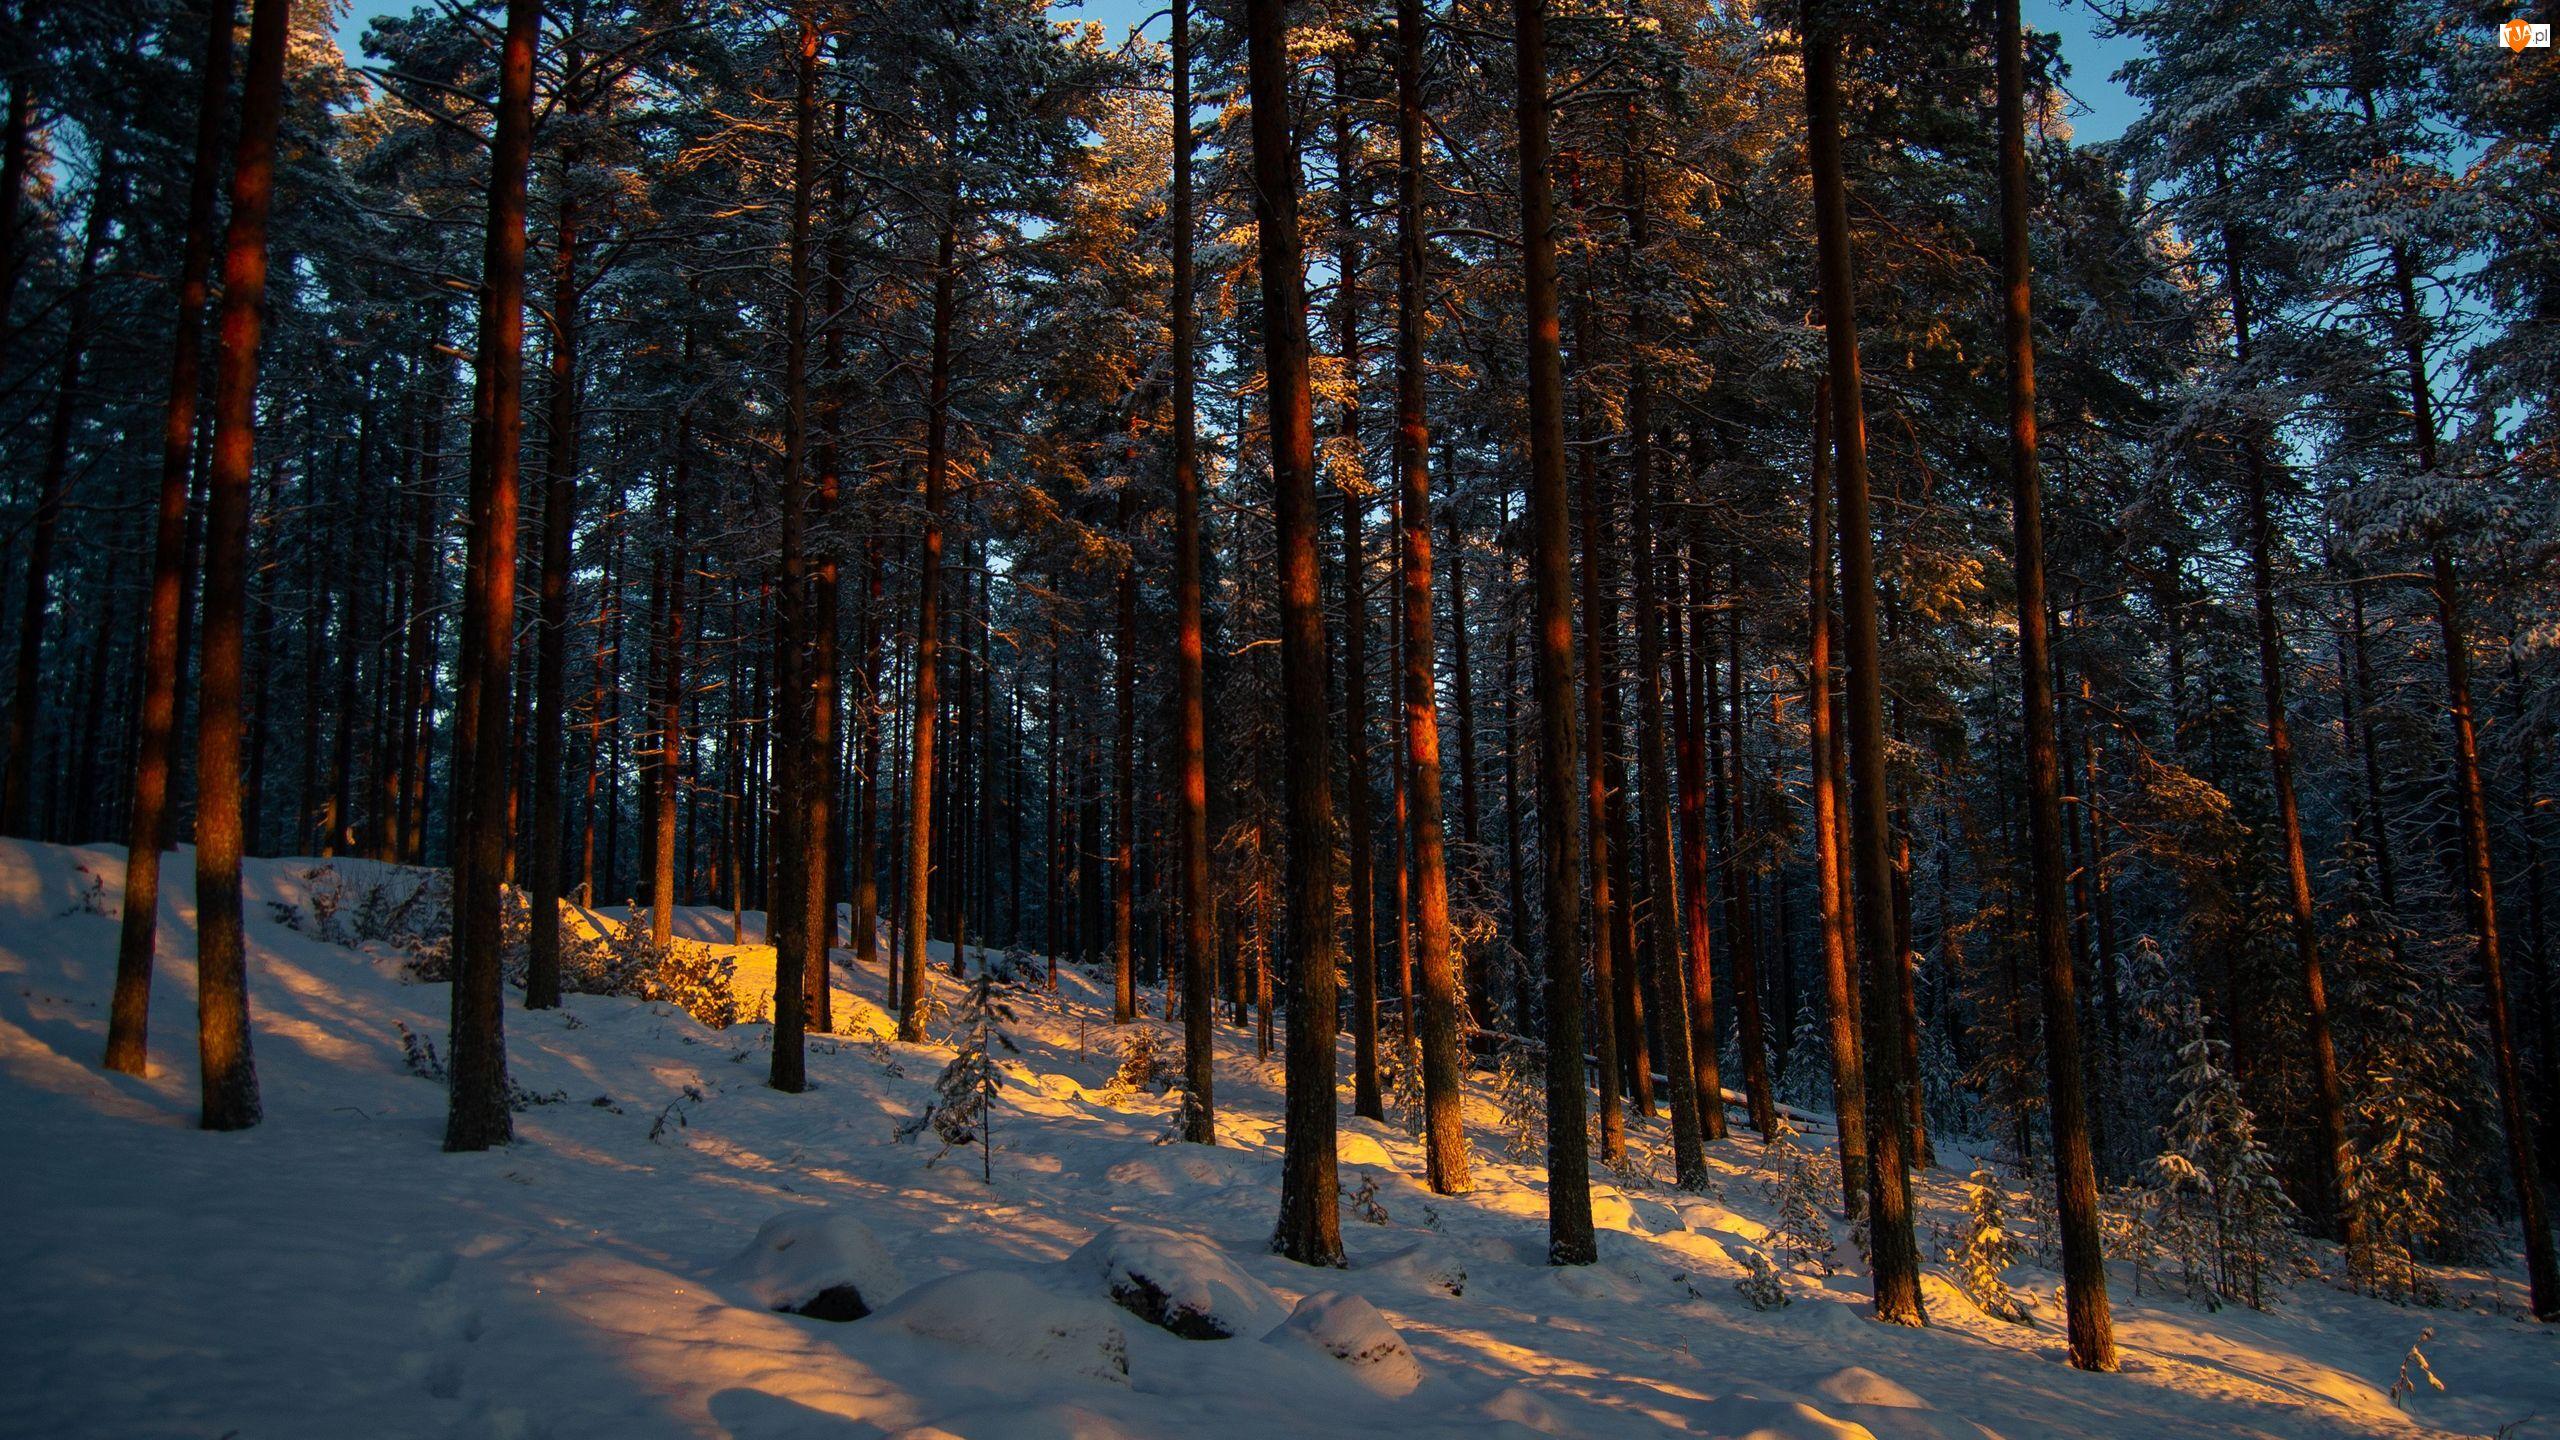 Słońce, Las, Drzewa, Sosny